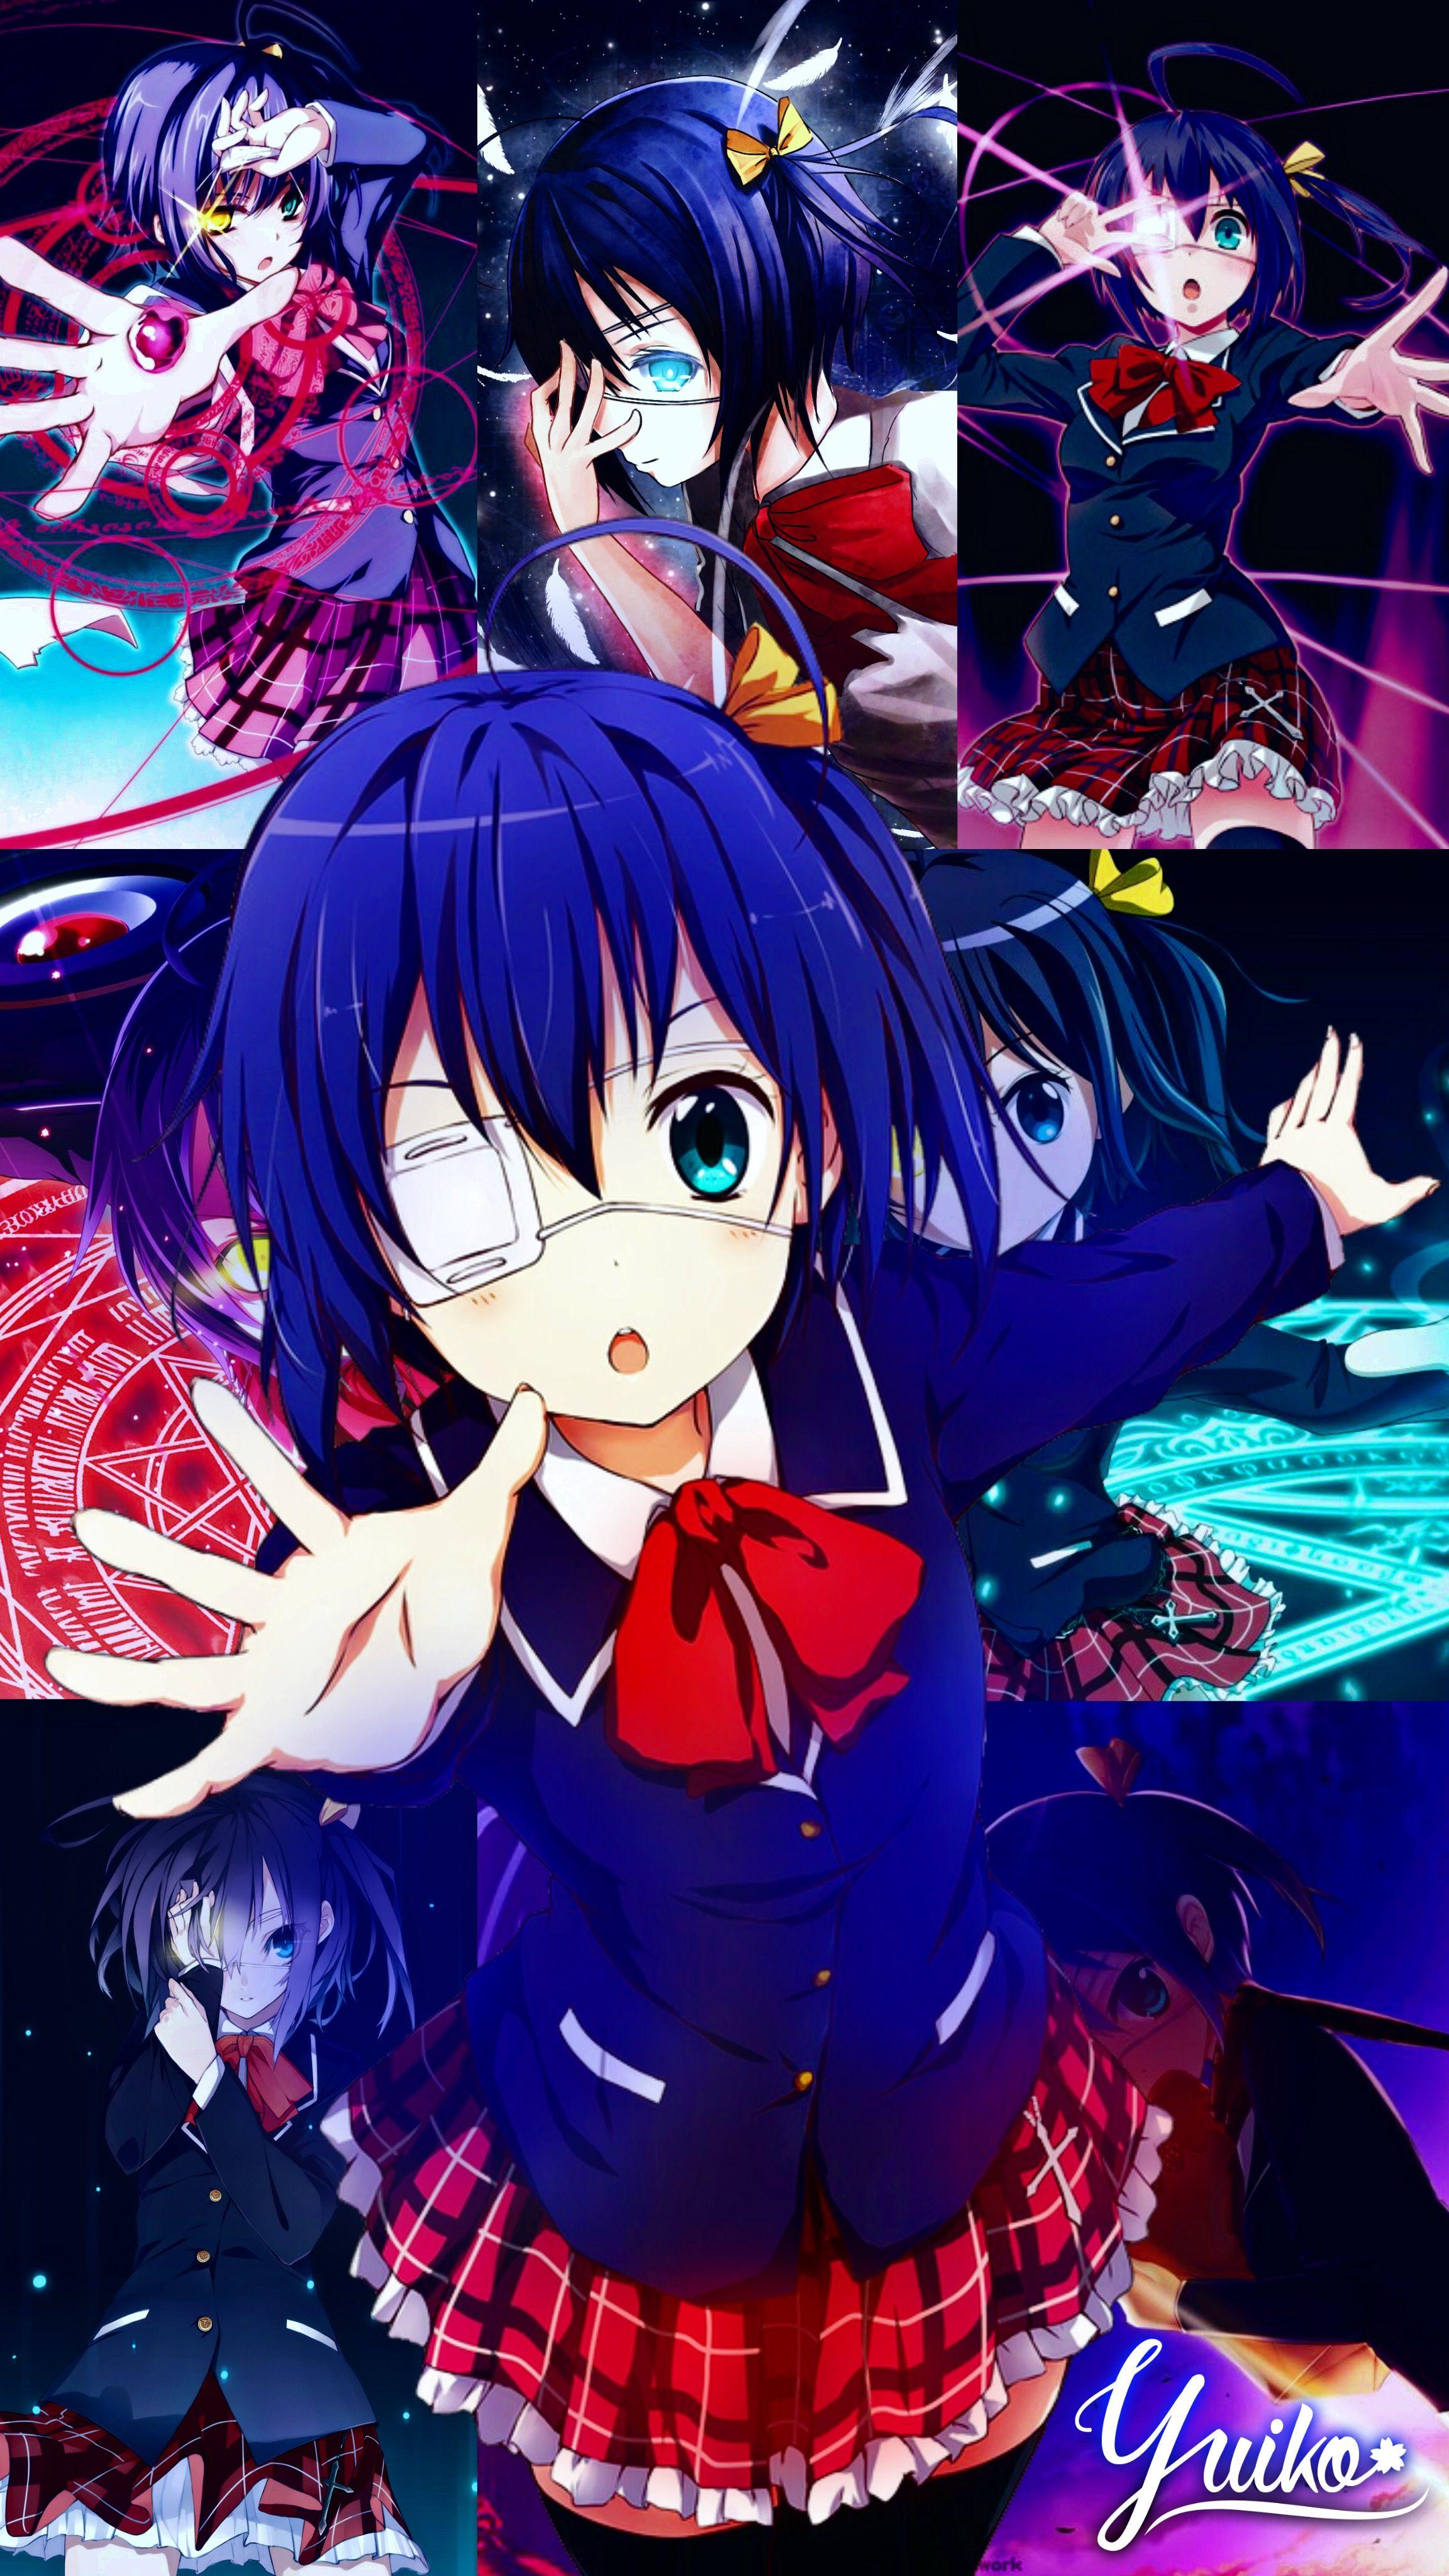 Rikka Takanashi Wallpaper By Yui Yuiko Chuunibyou Demo Koi Ga Shitai Ilustrasi Karakter Gambar Karakter Animasi